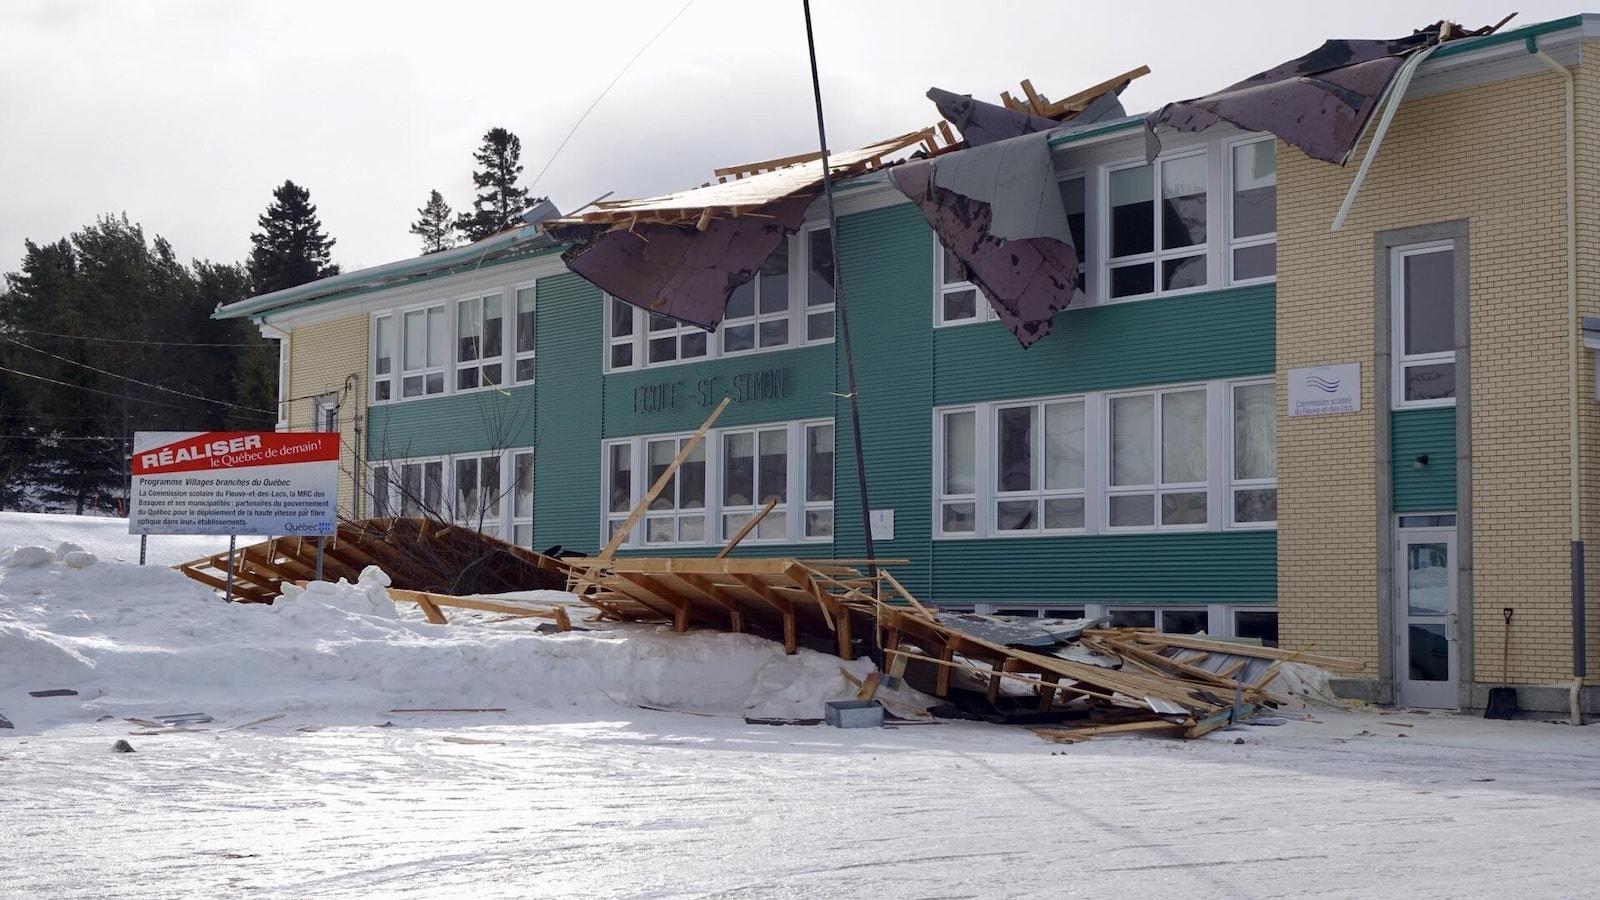 Plusieurs poutres et planches de bois jonchent le sol devant une école de deux étages.